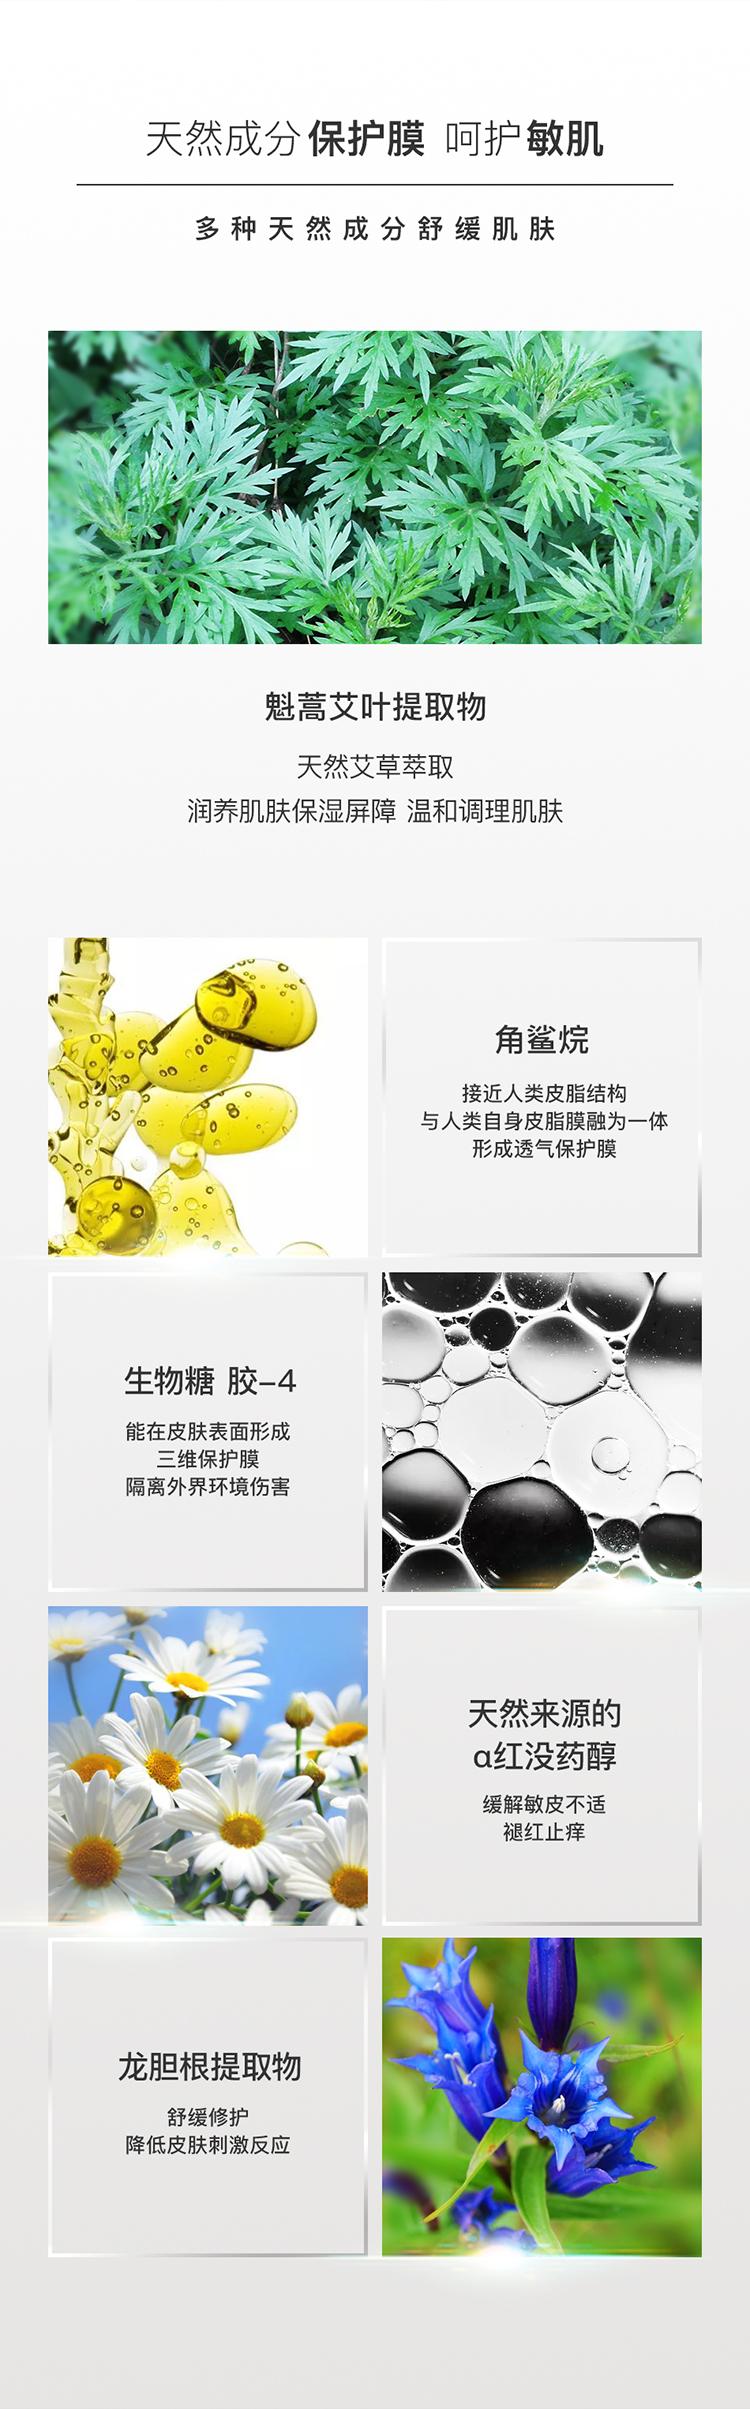 20190517-网页-乳液-750_03.jpg